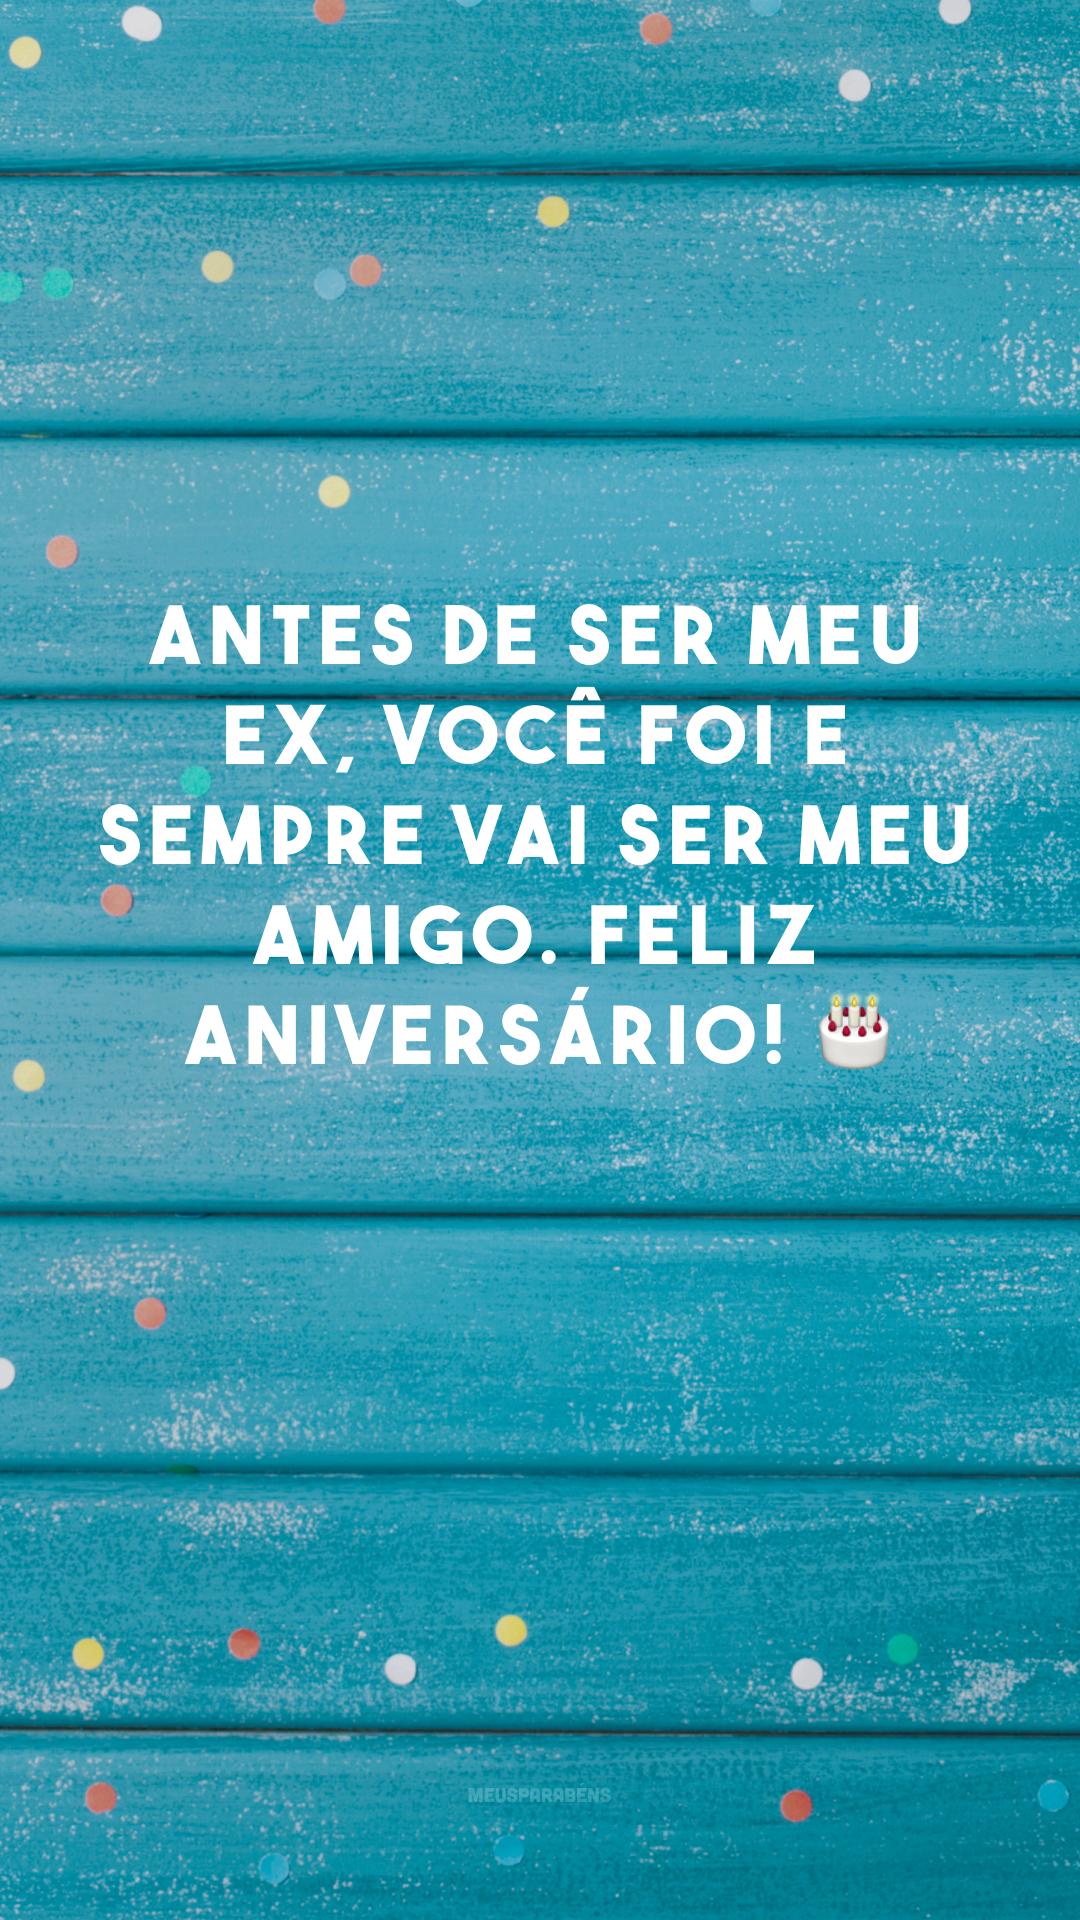 Antes de ser meu ex, você foi e sempre vai ser meu amigo. Feliz aniversário! 🎂